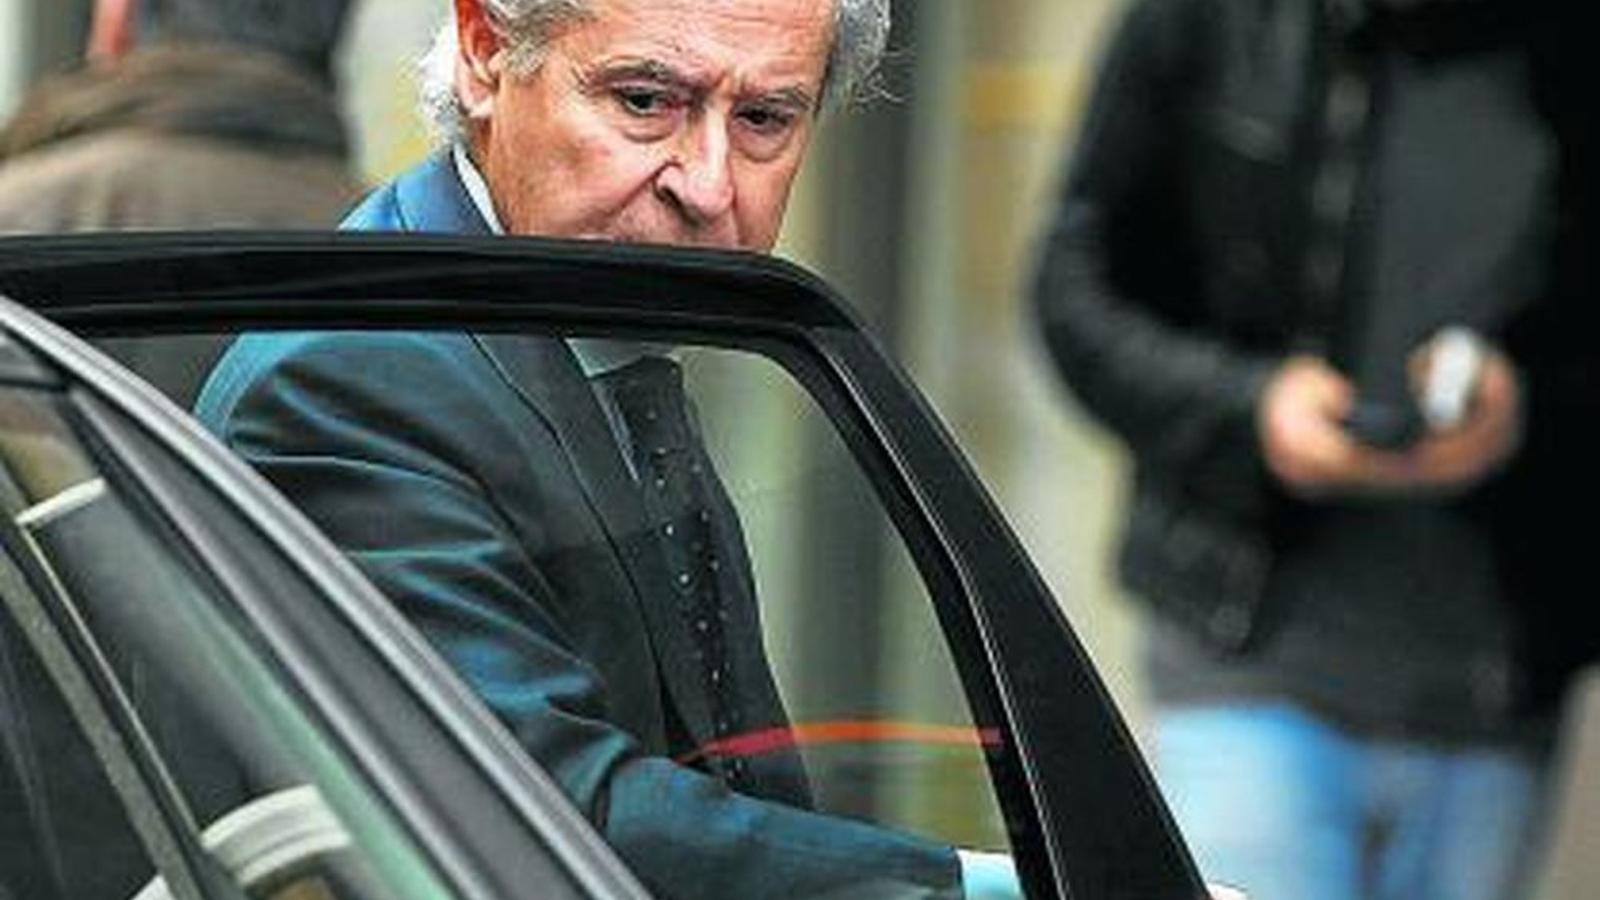 Obituari: Ferraris, caviar, caceres i preferents: mor el banquer de l'Espanya del 'boom'